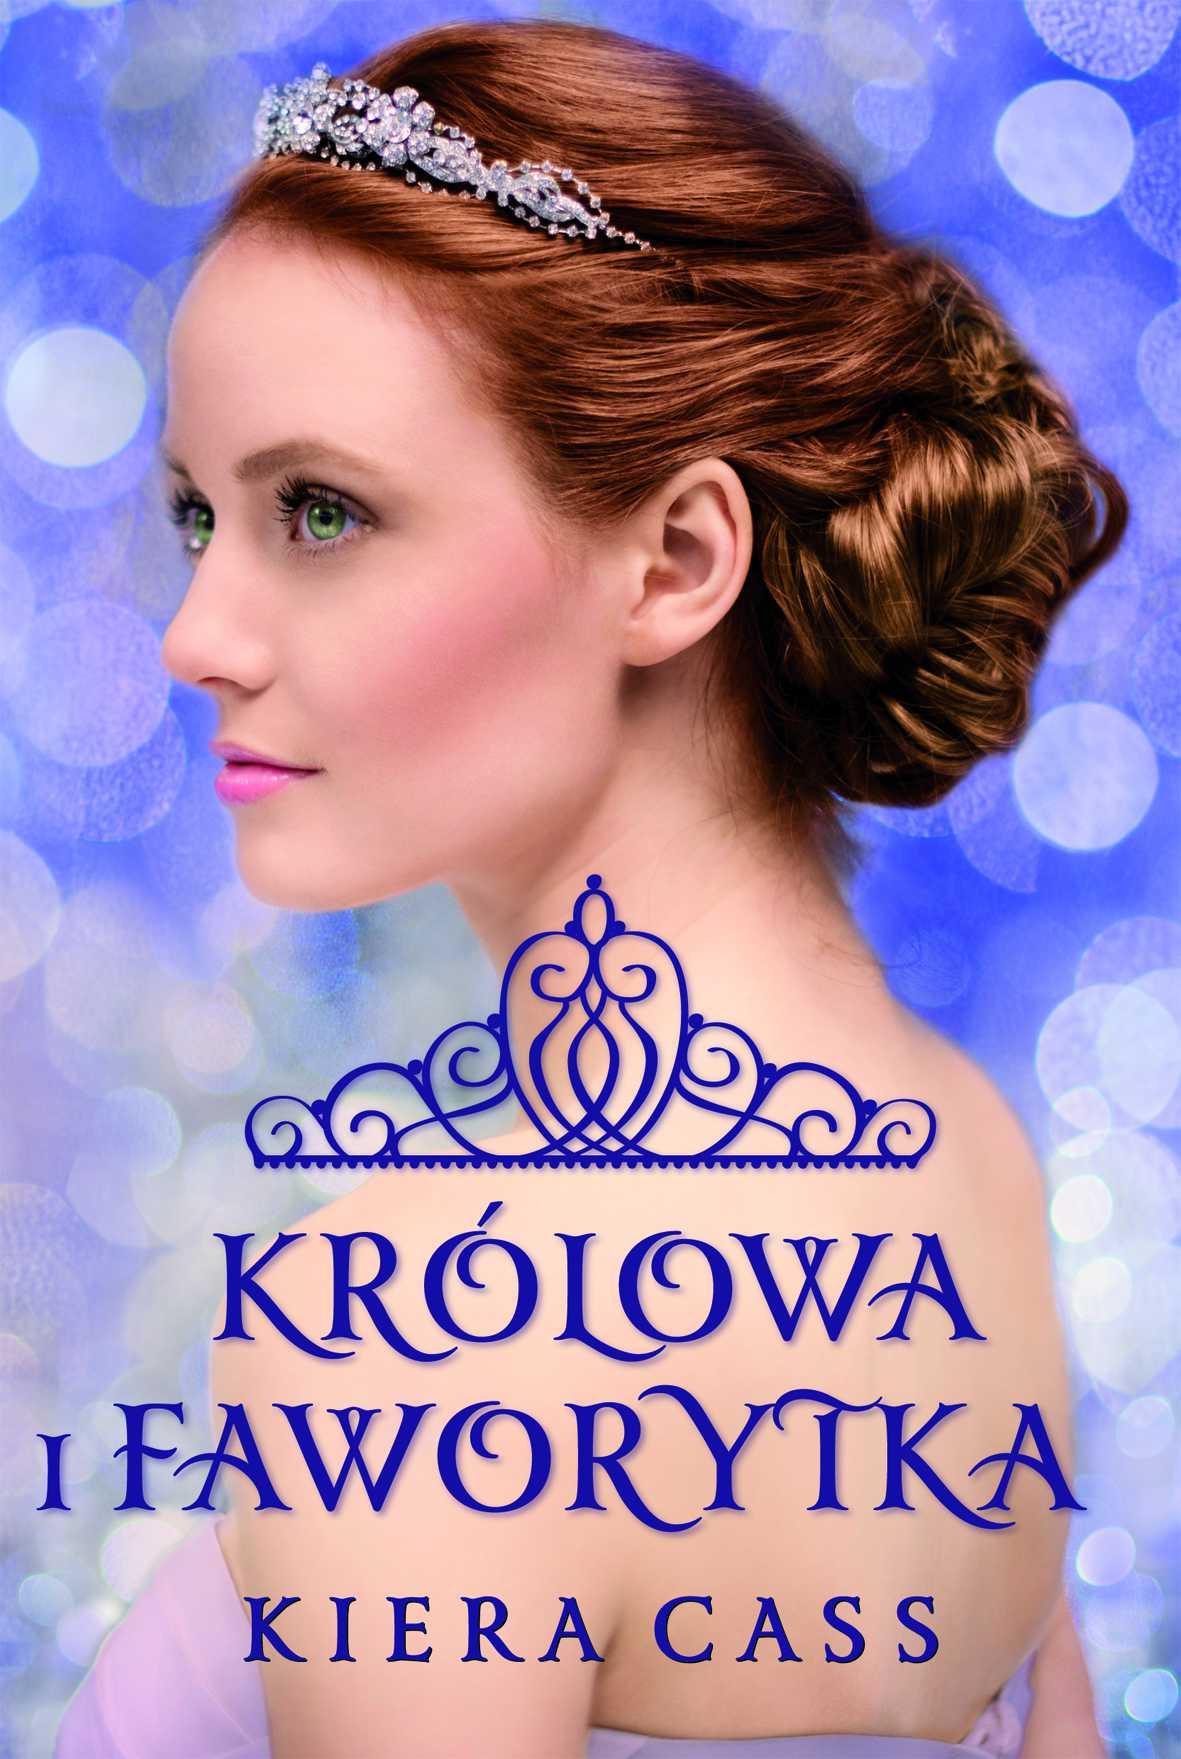 Królowa i Faworytka - Ebook (Książka na Kindle) do pobrania w formacie MOBI